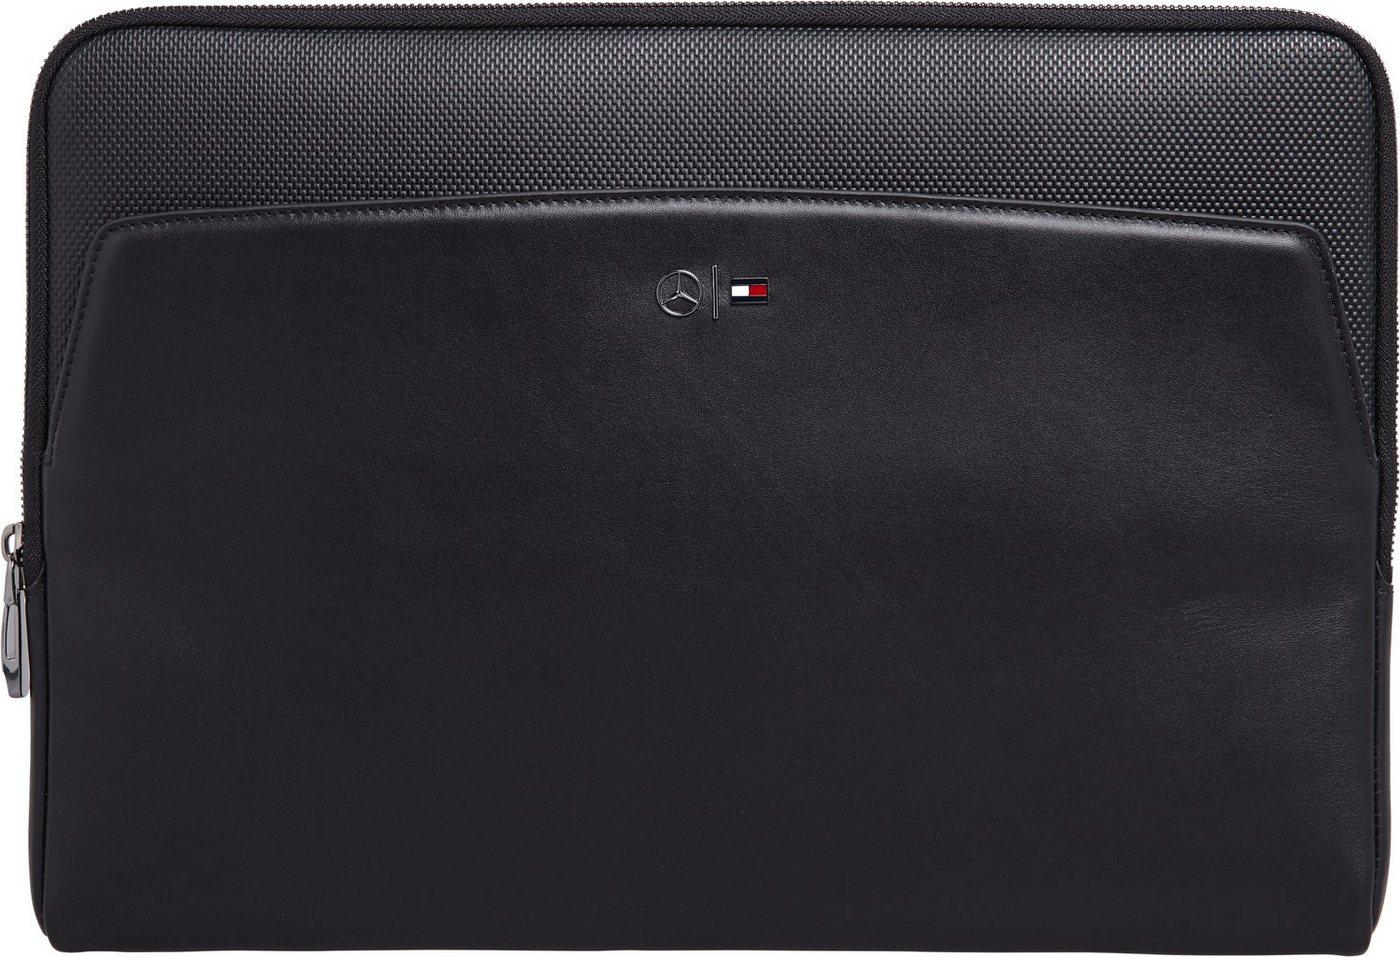 tommy hilfiger x mercedes-benz -  Laptoptasche »2MB LAPTOP SLEEVE«, in schlichter Optik